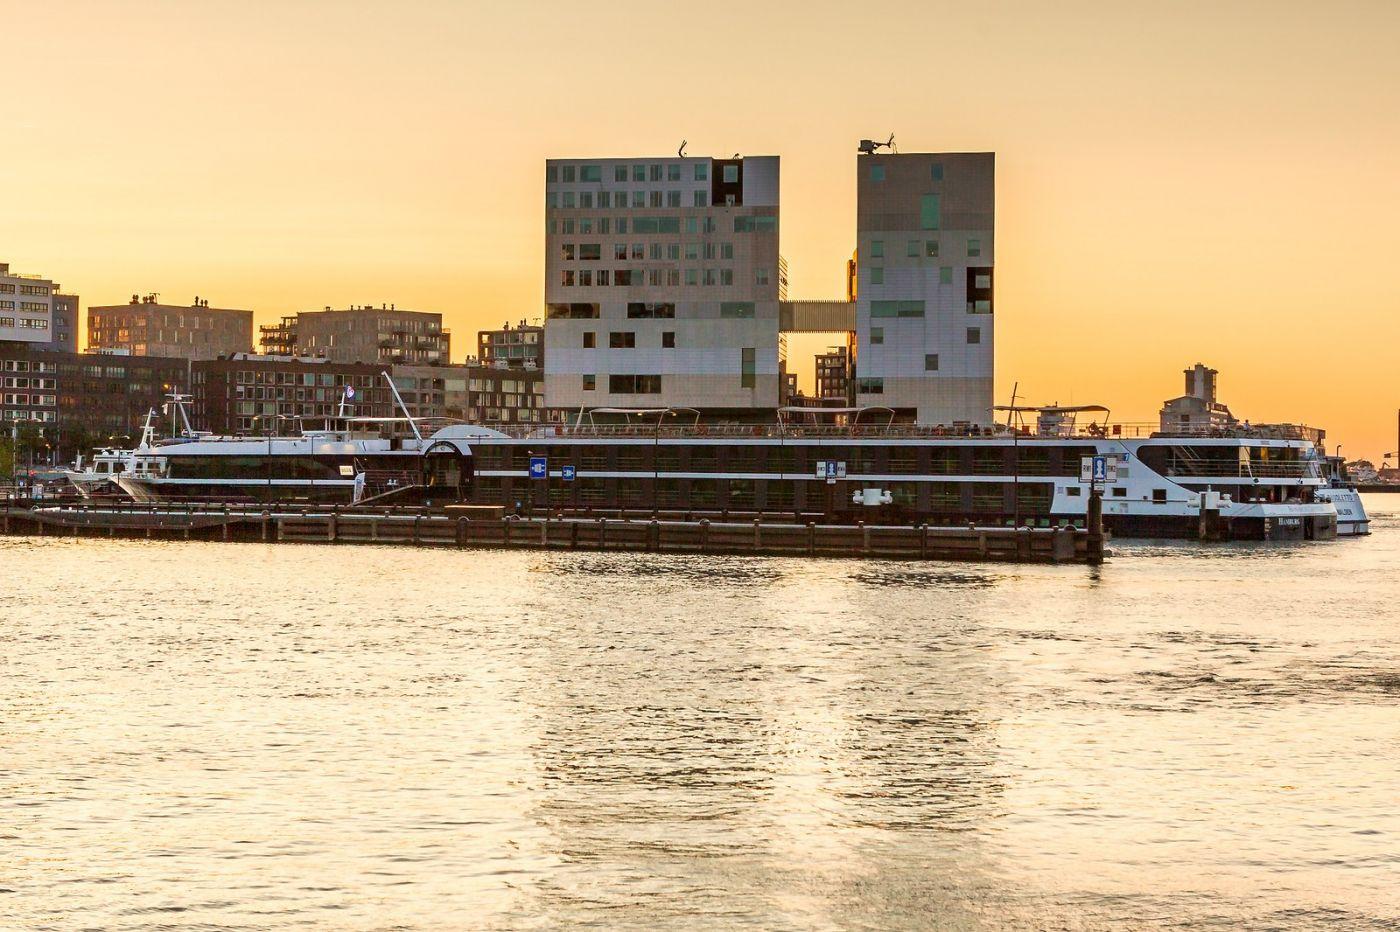 畅游莱茵河,游船商船另一道景_图1-18